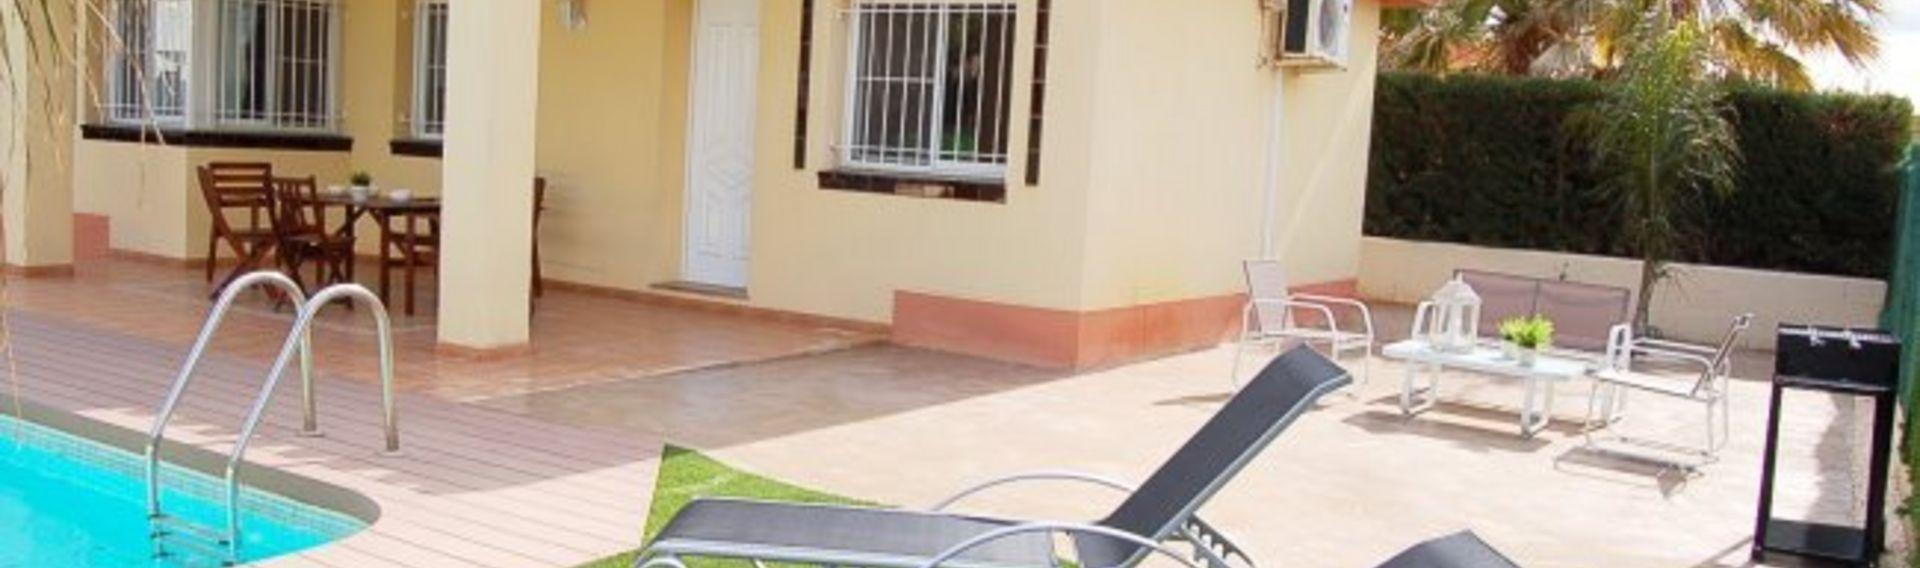 Urlaub mit Hund in Spanien – Ferienhaus mit Pool